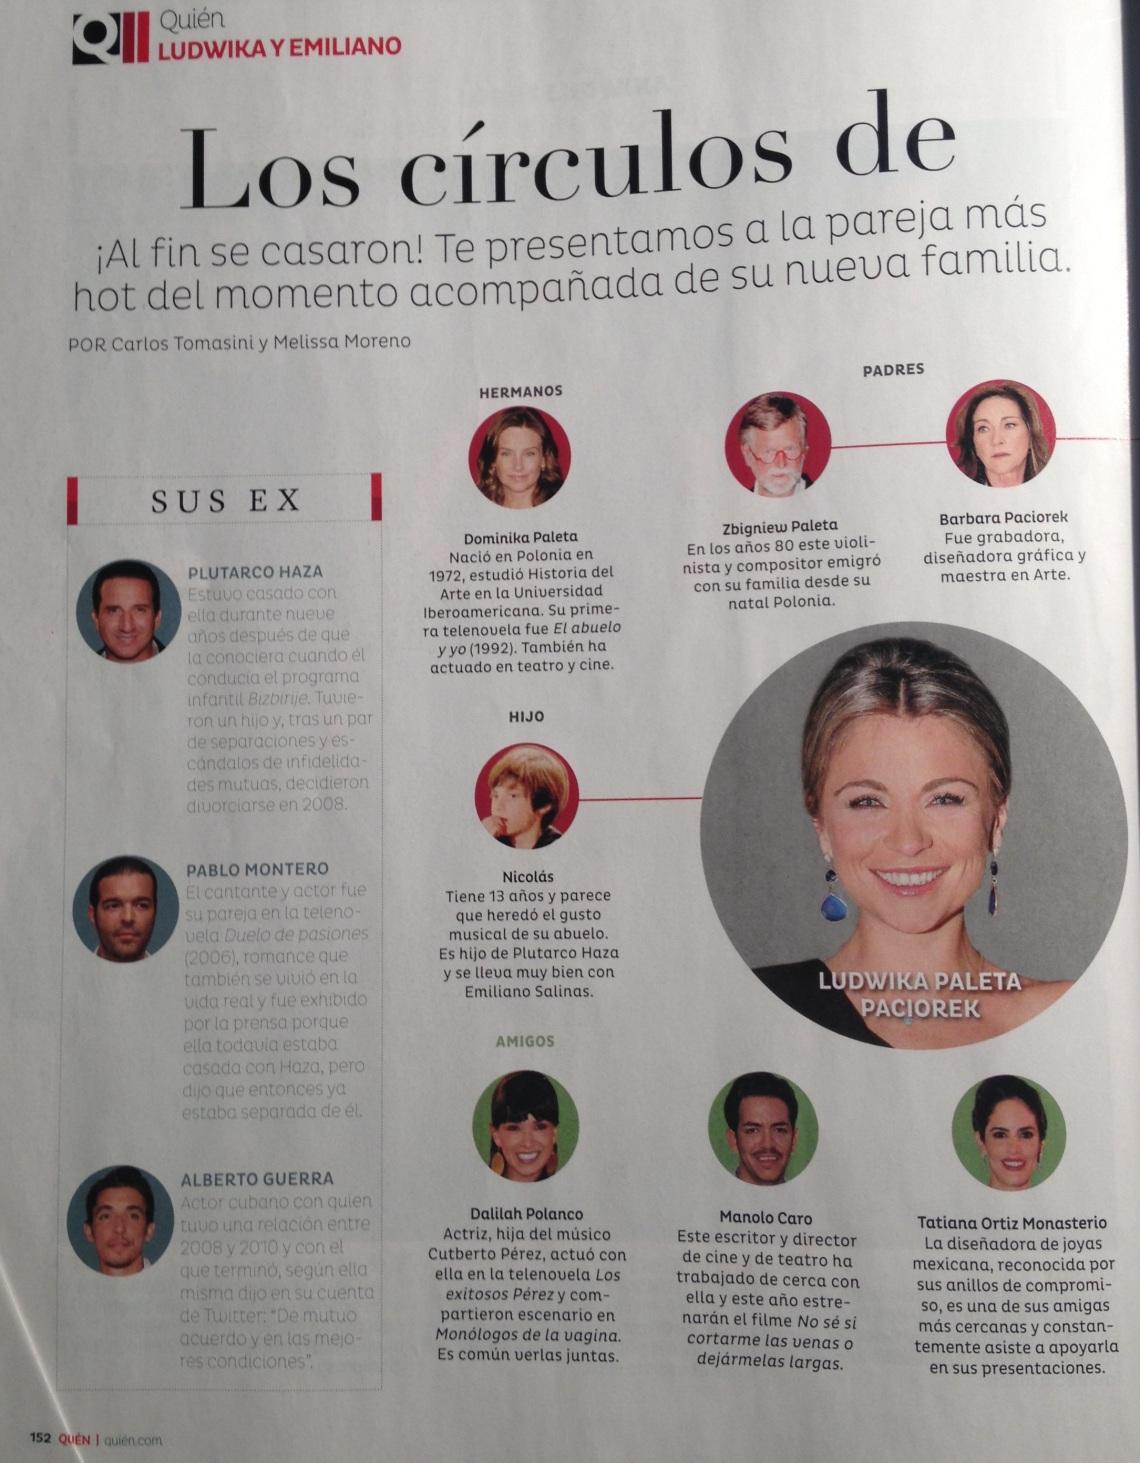 Publicado en la edición del 26 de abril de la revista Quién.